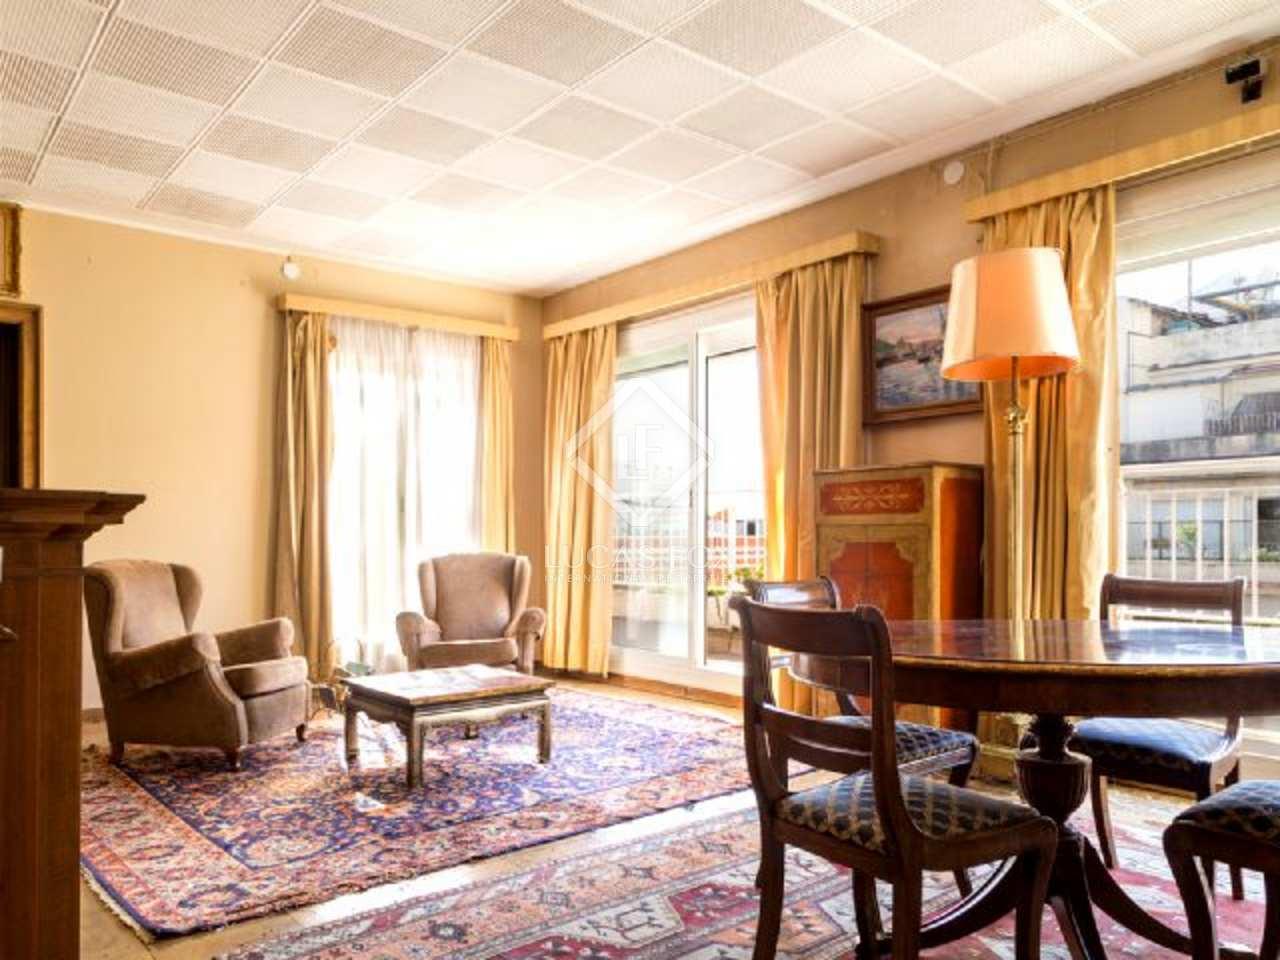 Appartement en vente dans le quartier de sant gervasi de for Renover chambre a coucher